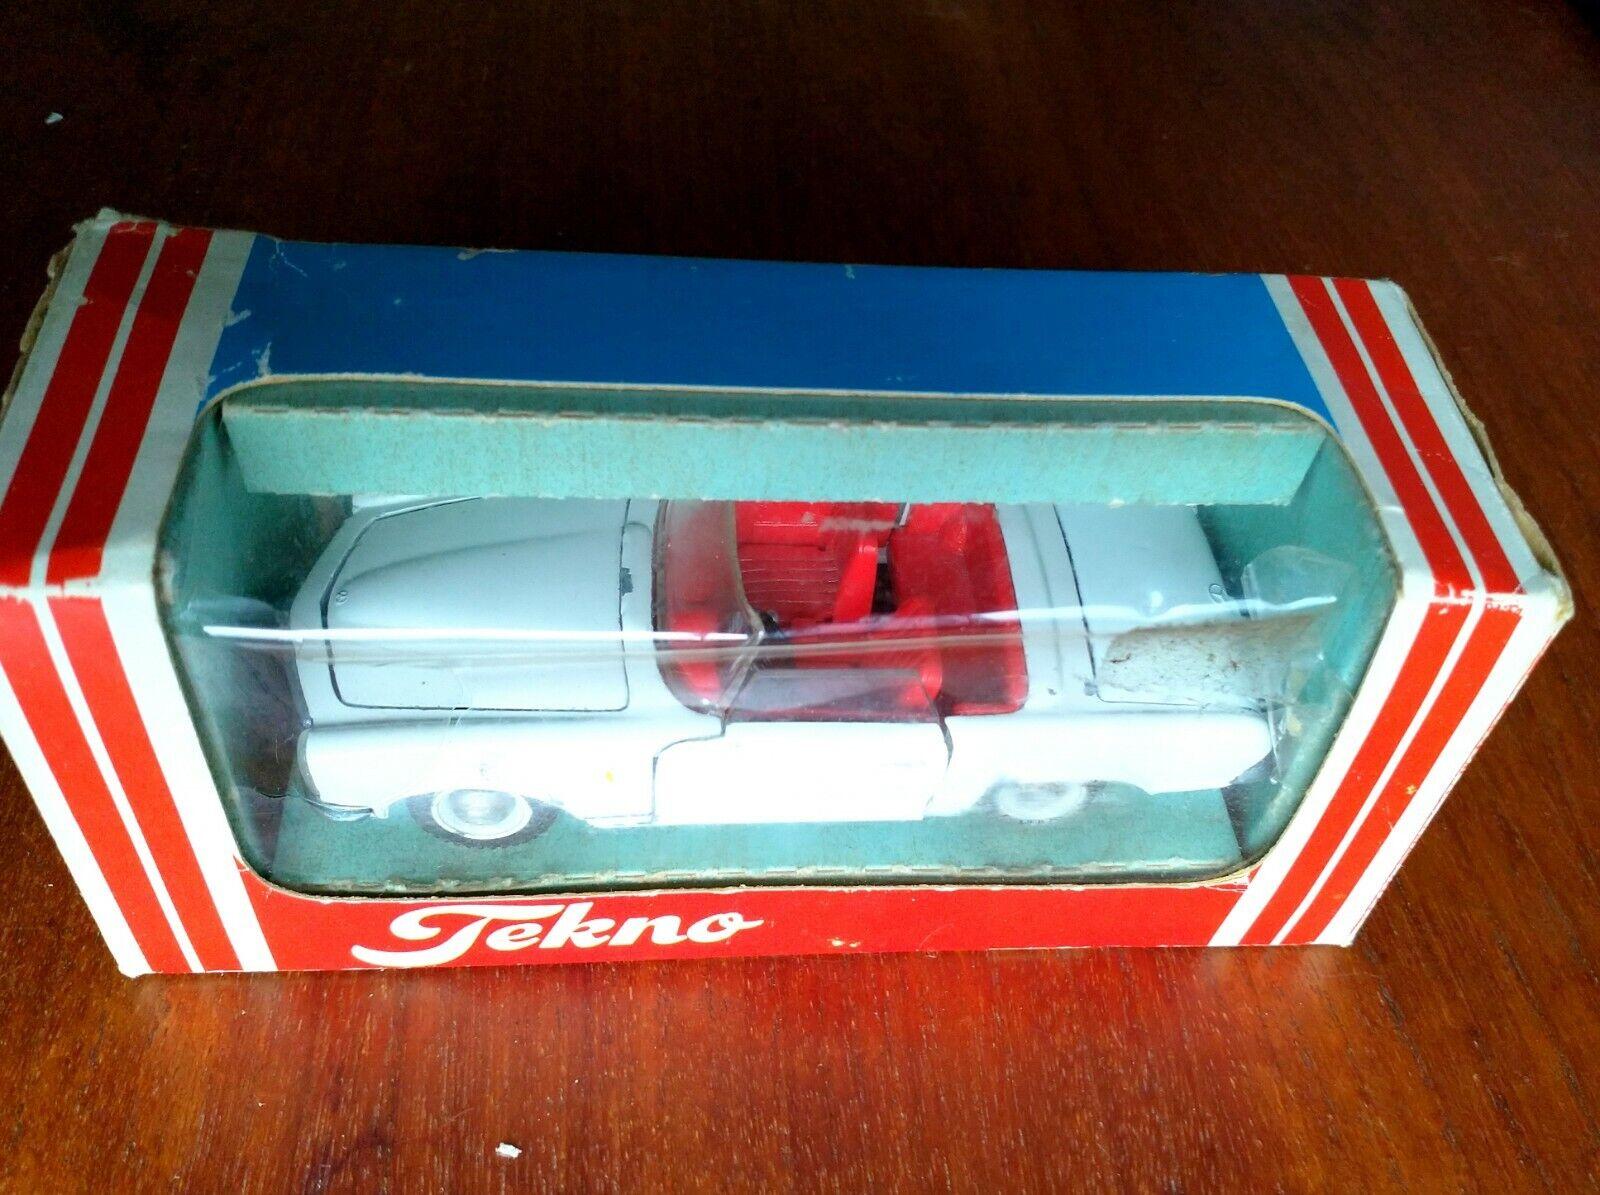 descuento online Tekno Tekno Tekno No.928 - Mercedes 280sl Roadster Con Caja Original Rareza   Envio gratis en todas las ordenes